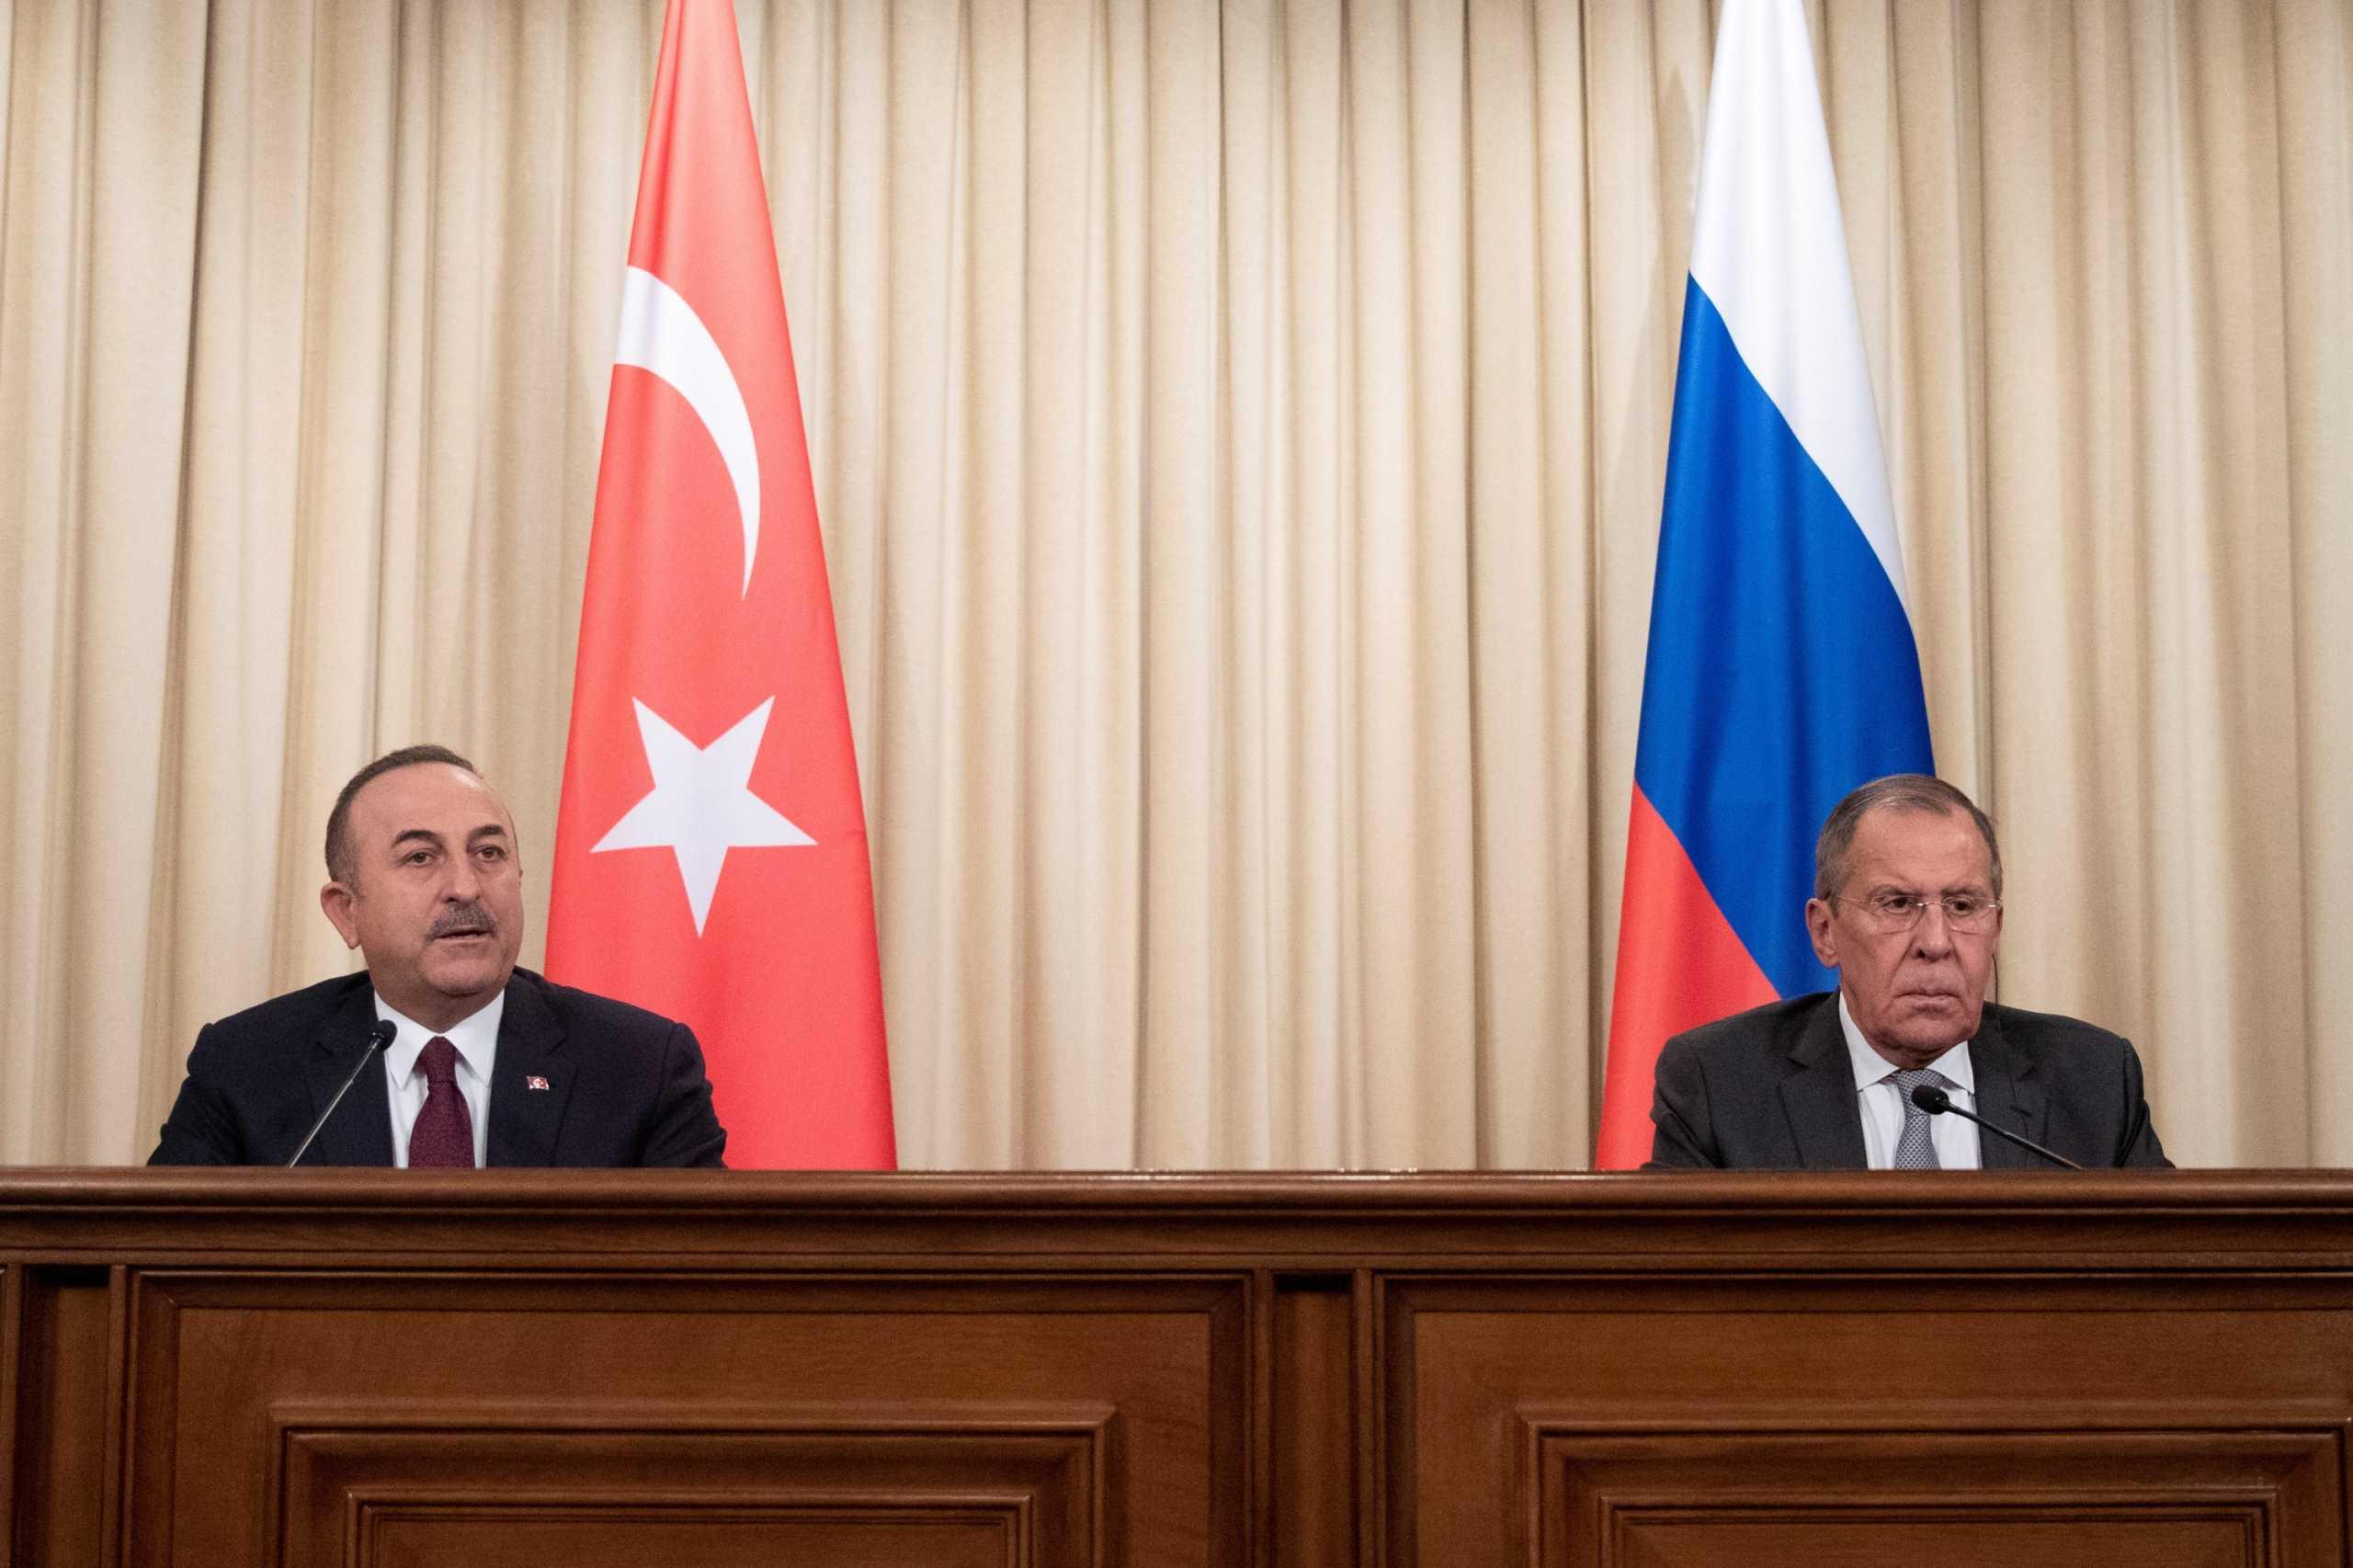 Τουρκία – Ρωσία: Οργή κατά της Μόσχας για την Συρία – «Δεν τήρησαν τις υποσχέσεις τους»